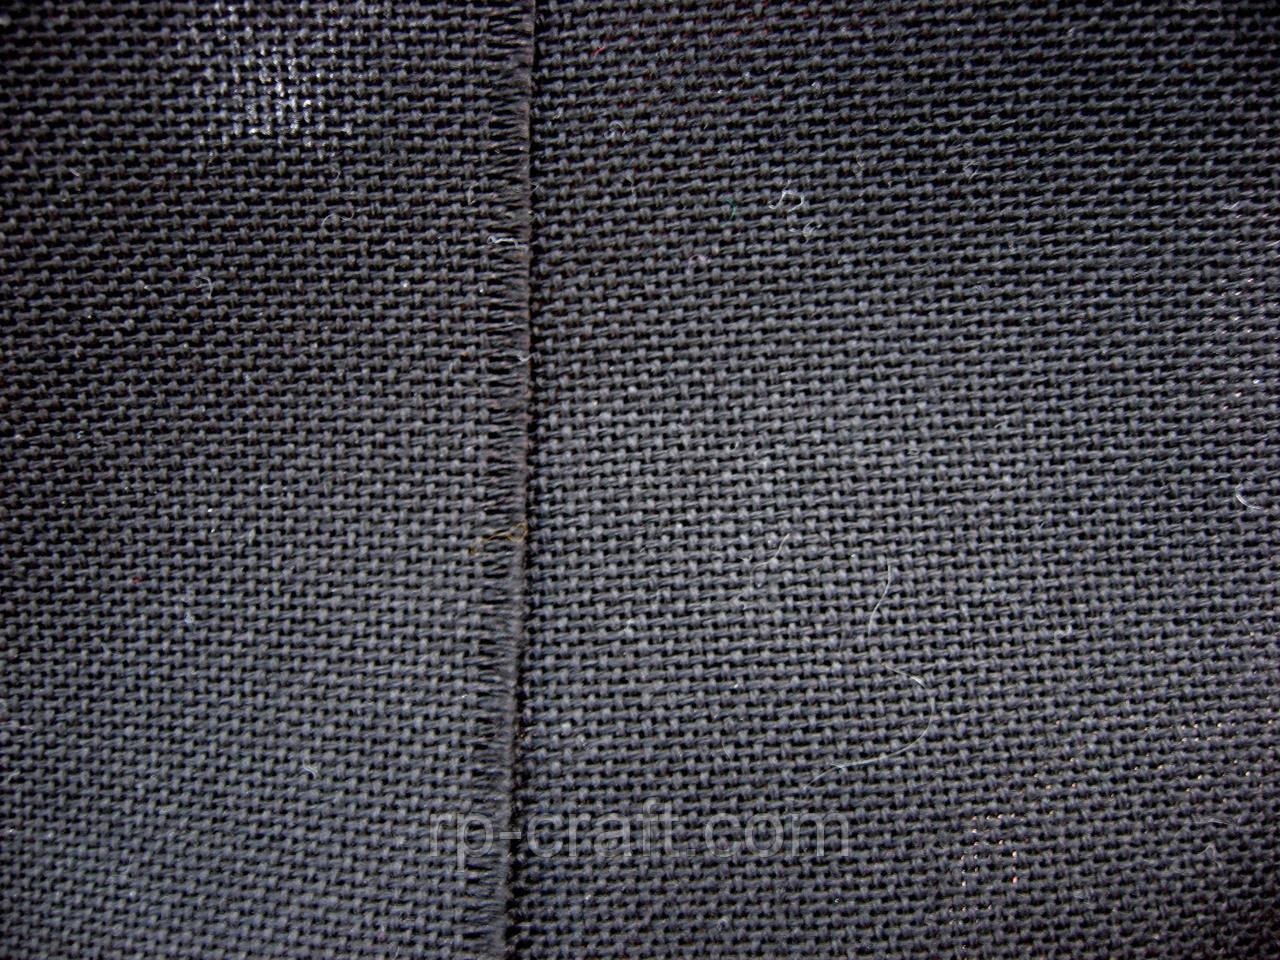 Отрез ткани для вышивки. Хлопок черный, 24х44 см